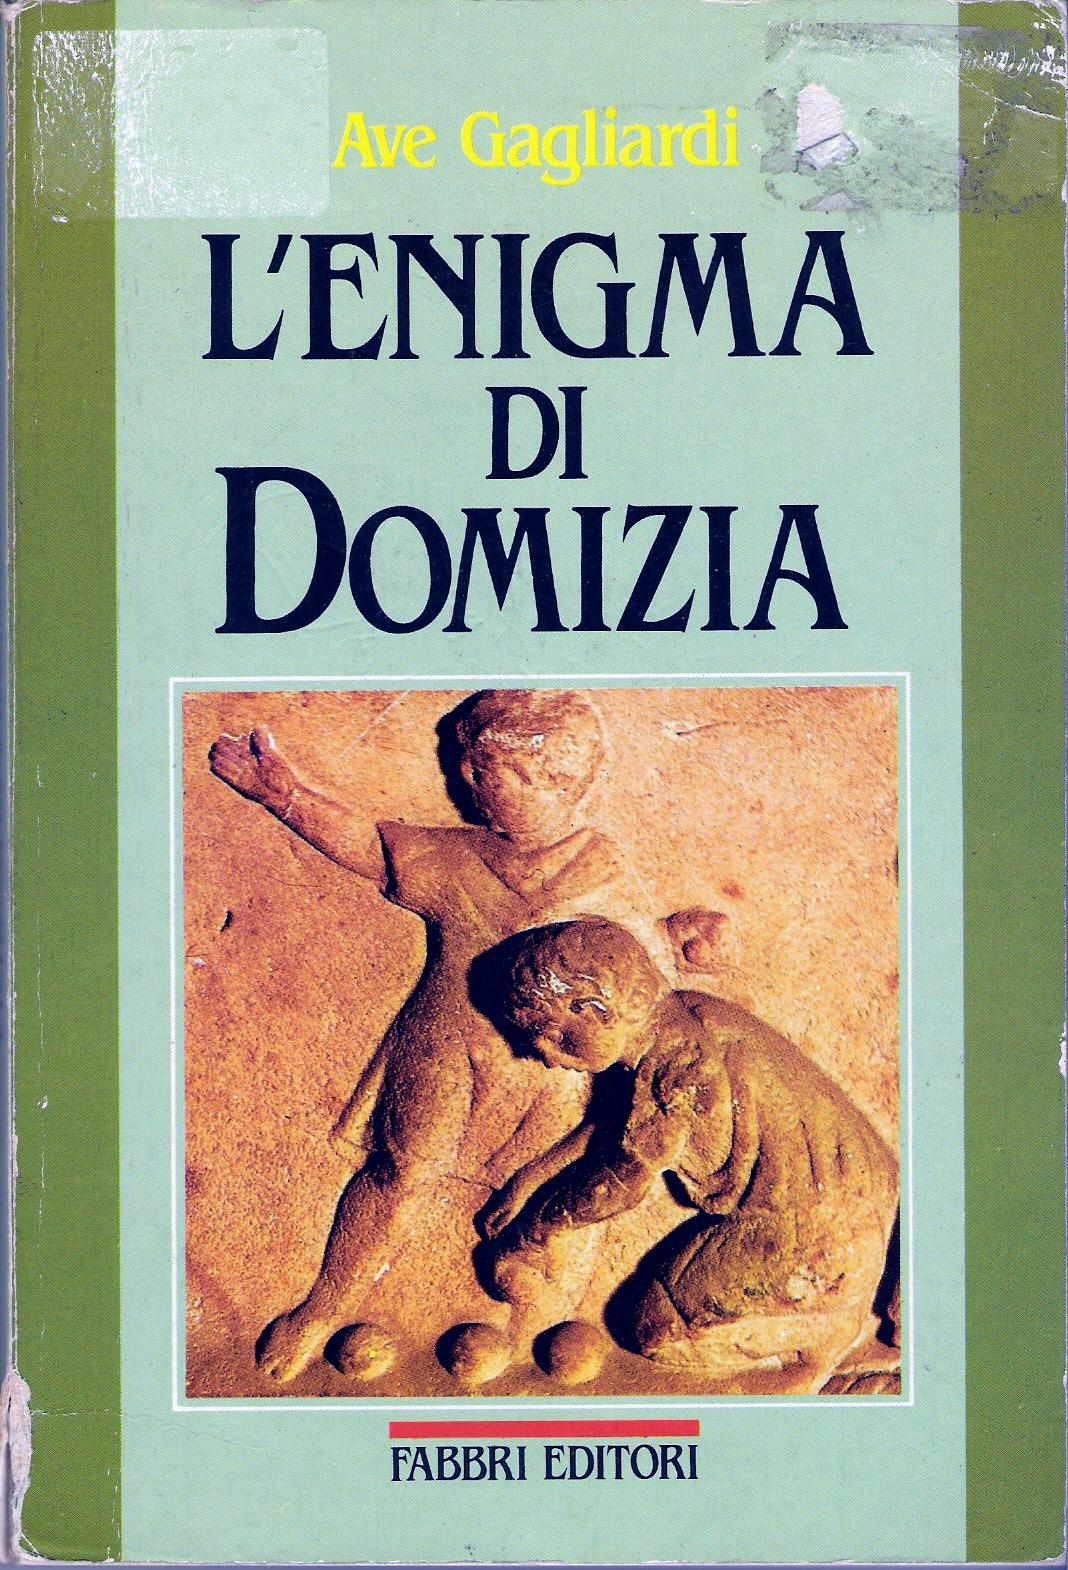 L' enigma di Domizia